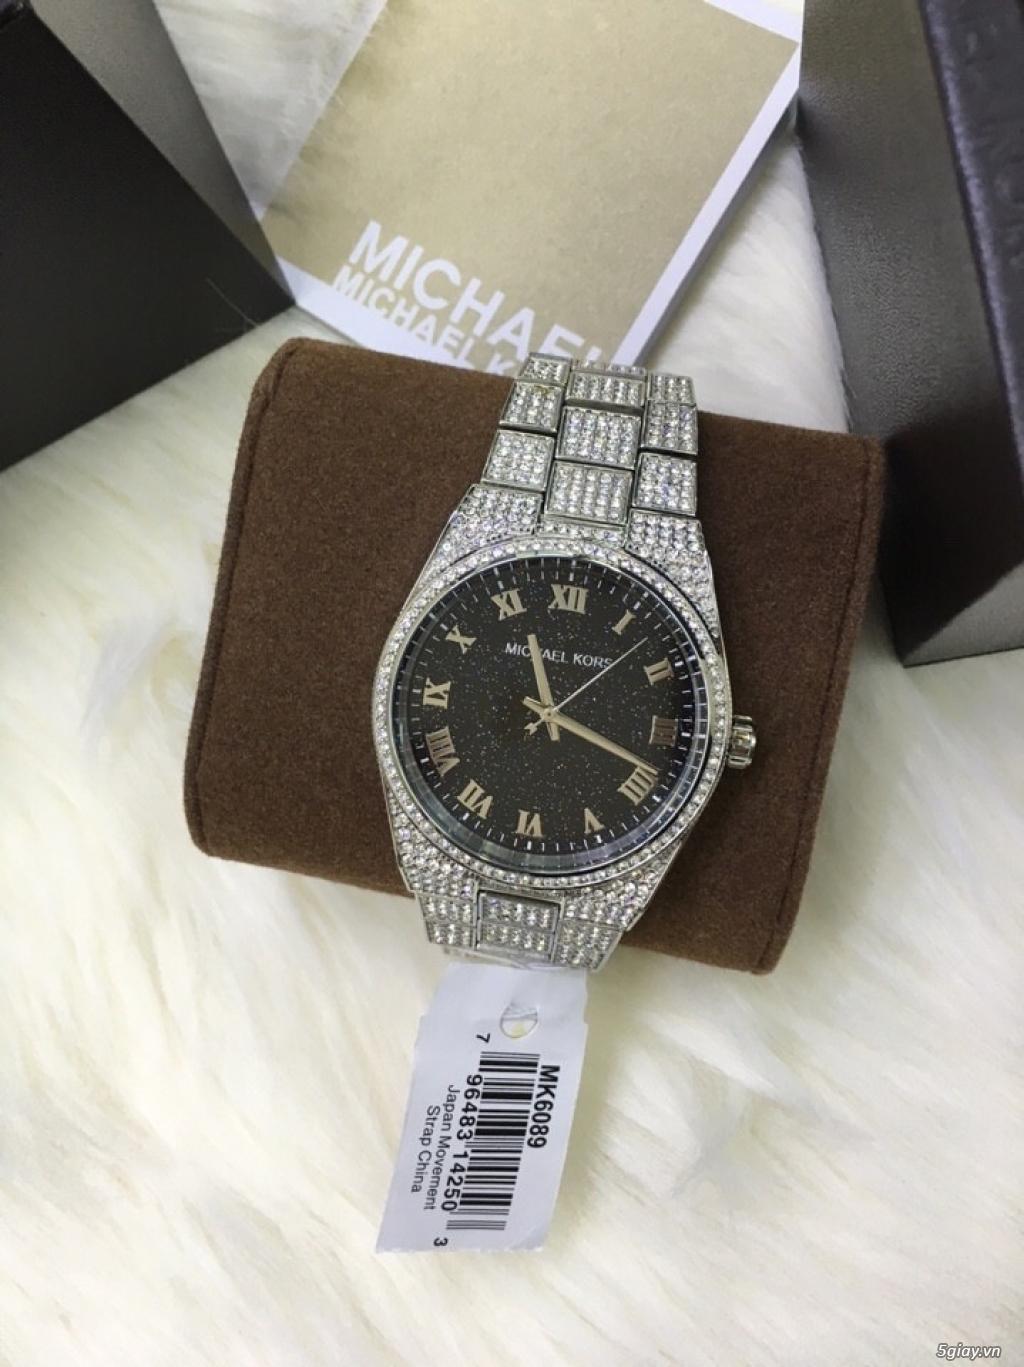 Đồng hồ chính hãng Michael Kors giá rẻ - 38